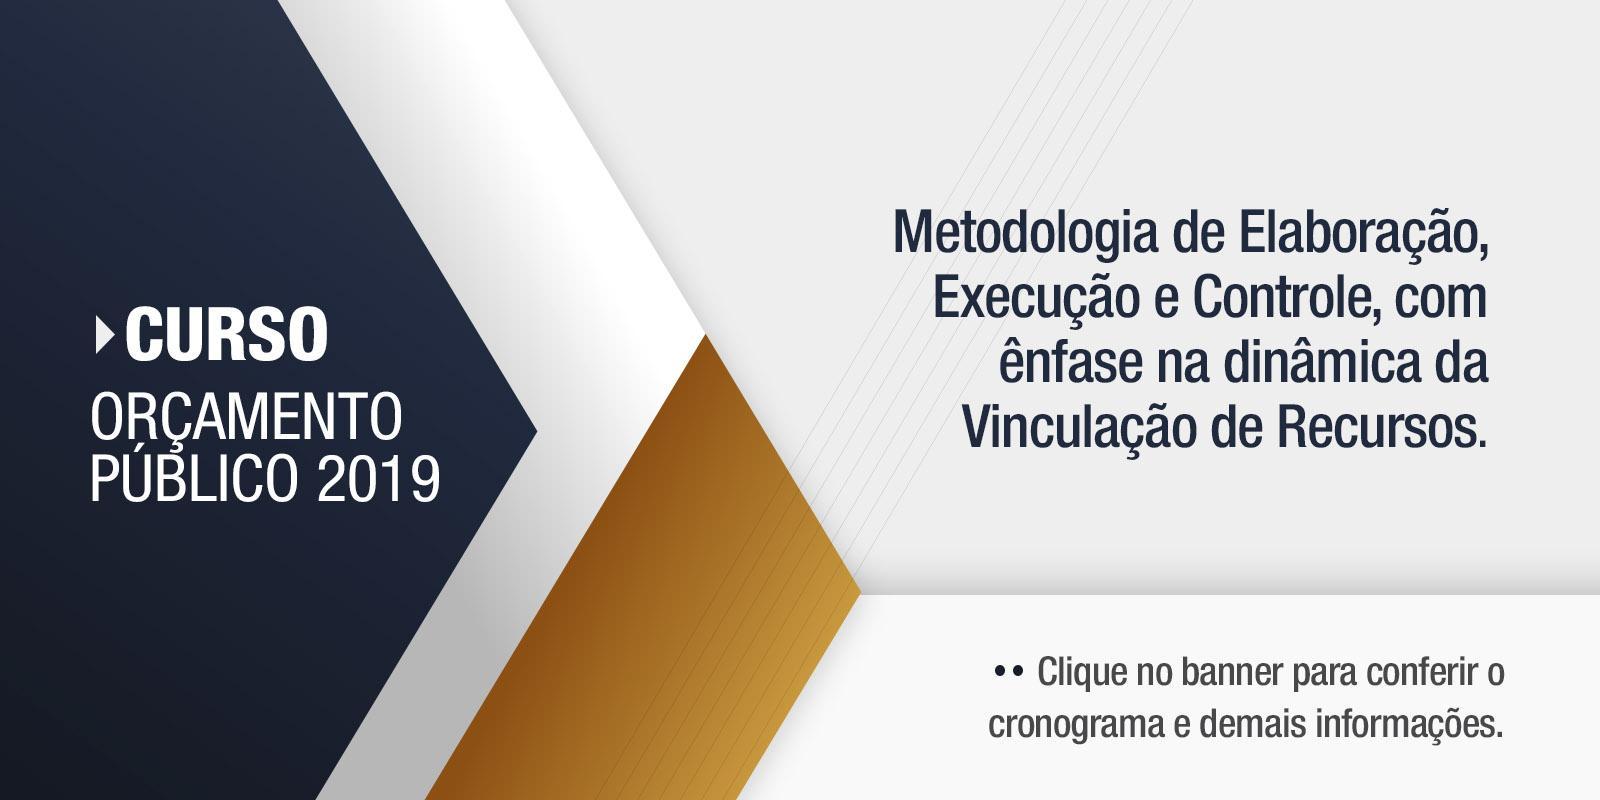 CURSO ORÇAMENTO PÚBLICO 2019: Metodologia de Elaboração, Execução e Controle, com ênfase na dinâmica da Vinculação de Recursos.